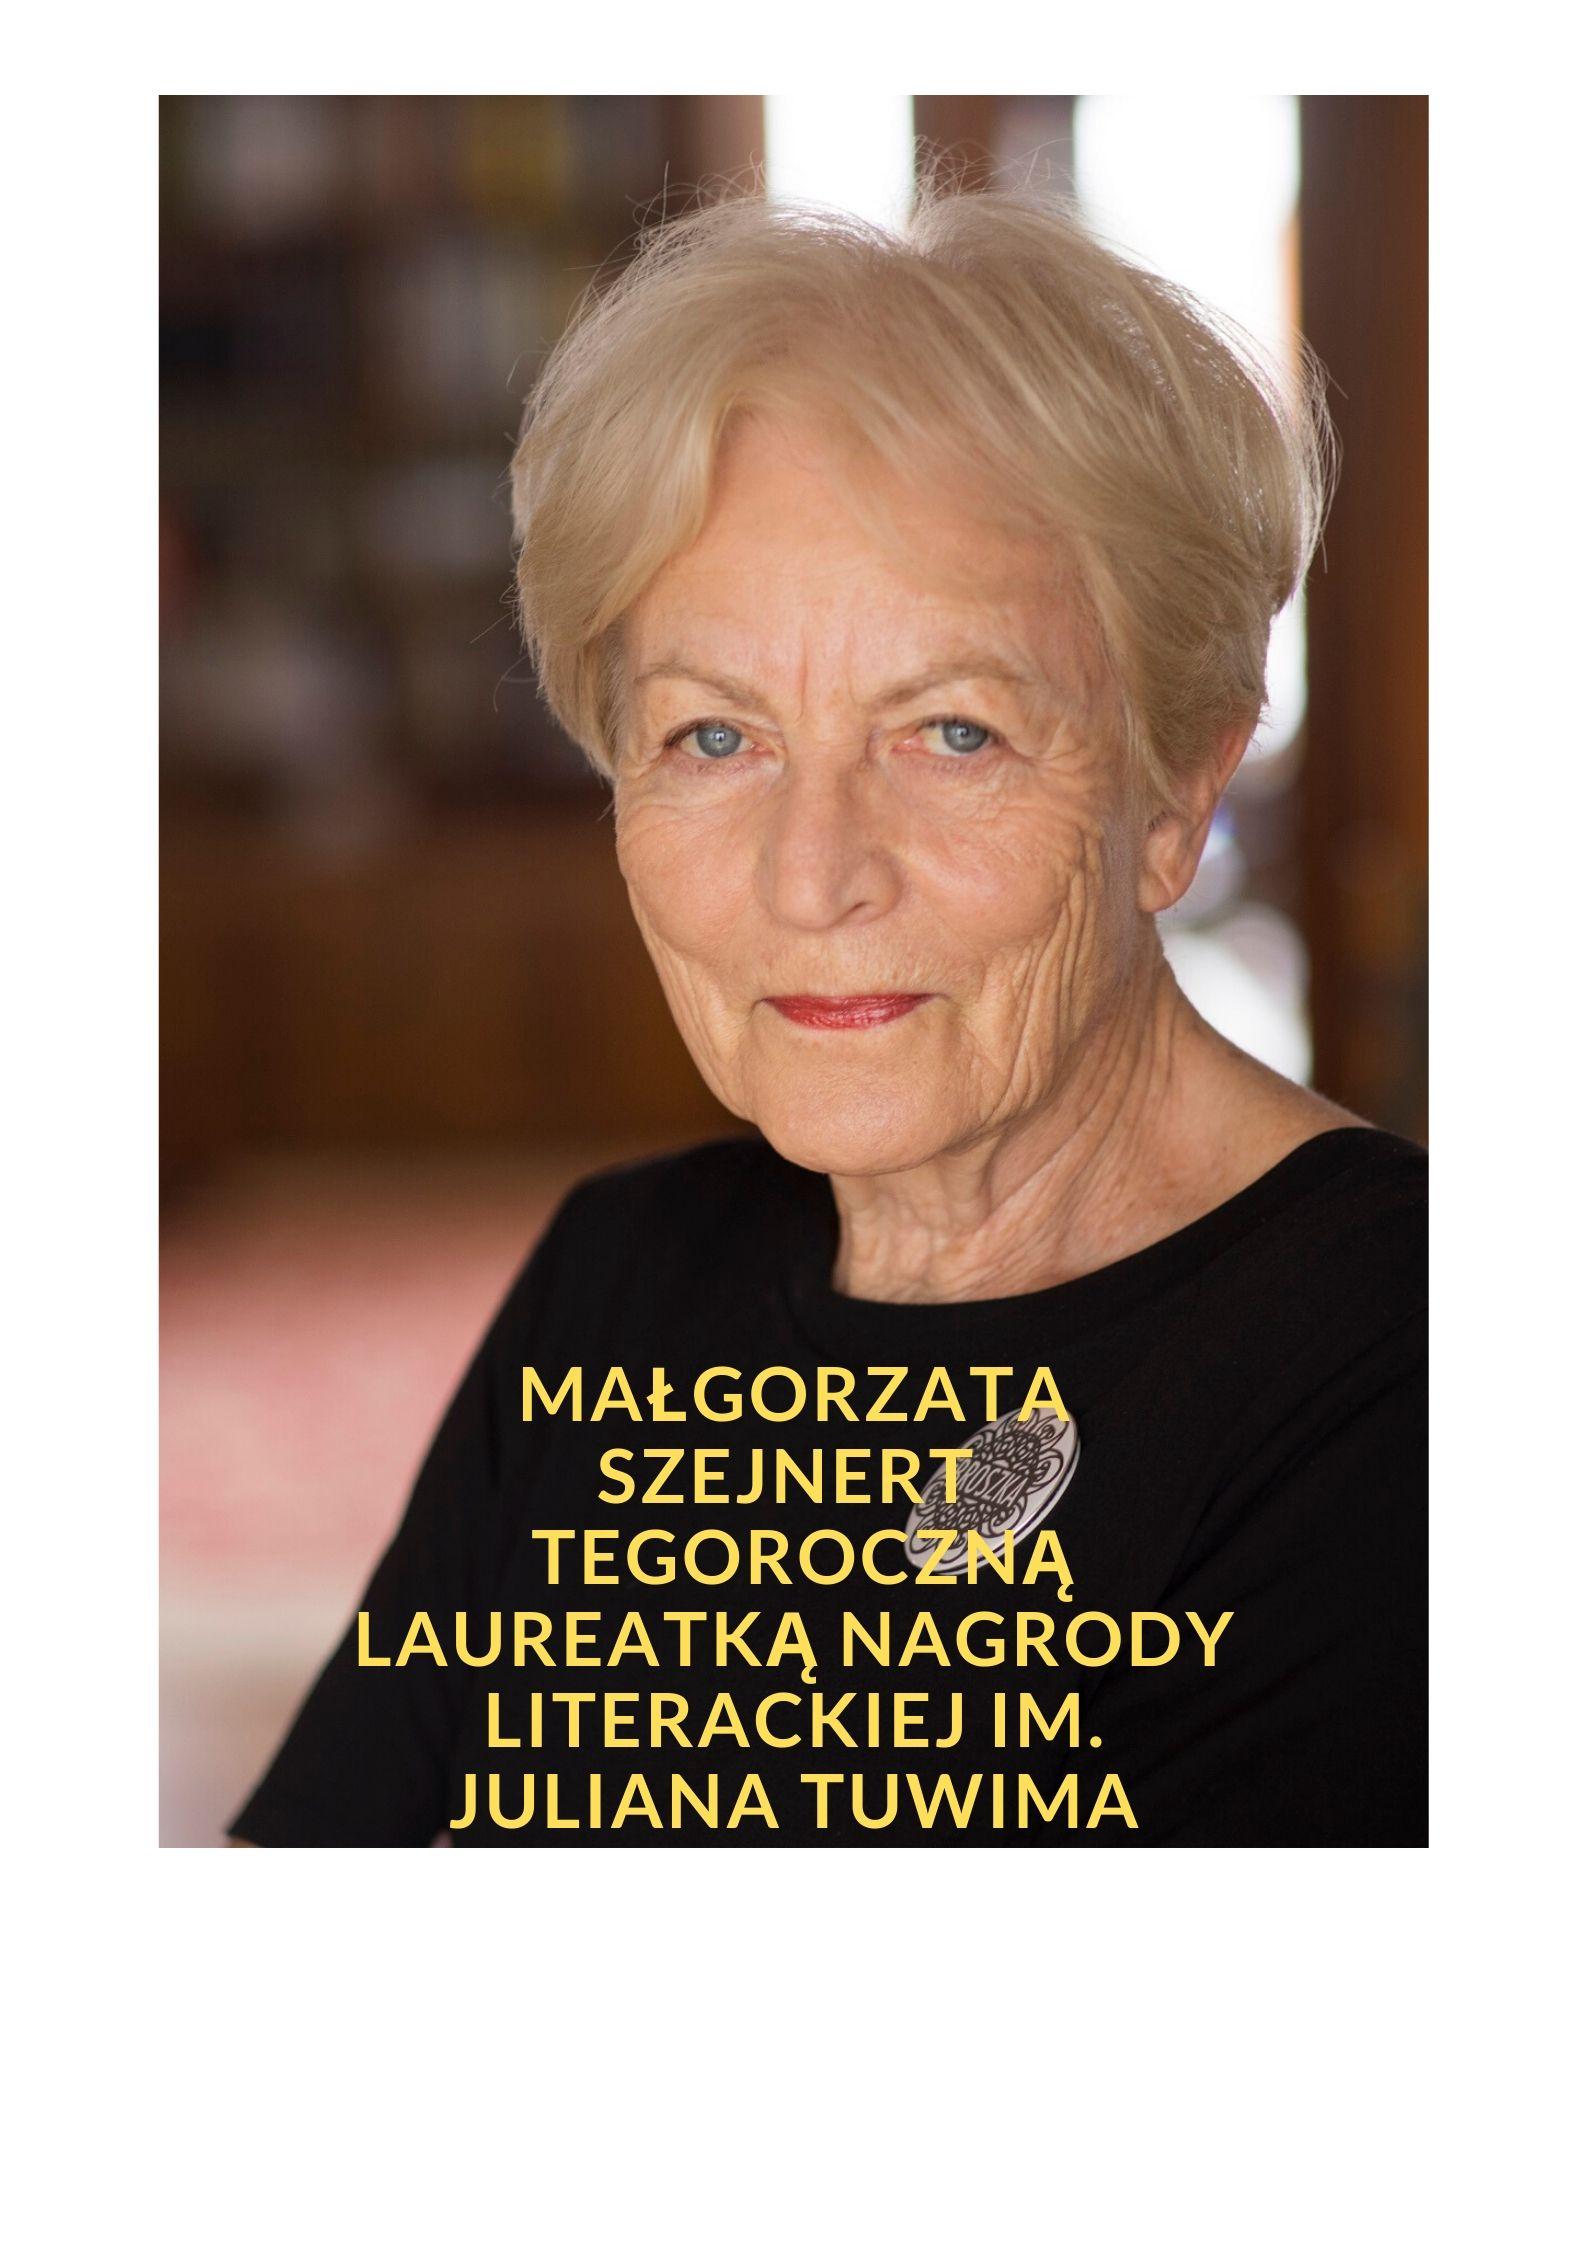 Małgorzata Szejnert  tegoroczną laureatką Nagrody Literackiej im. Juliana Tuwima